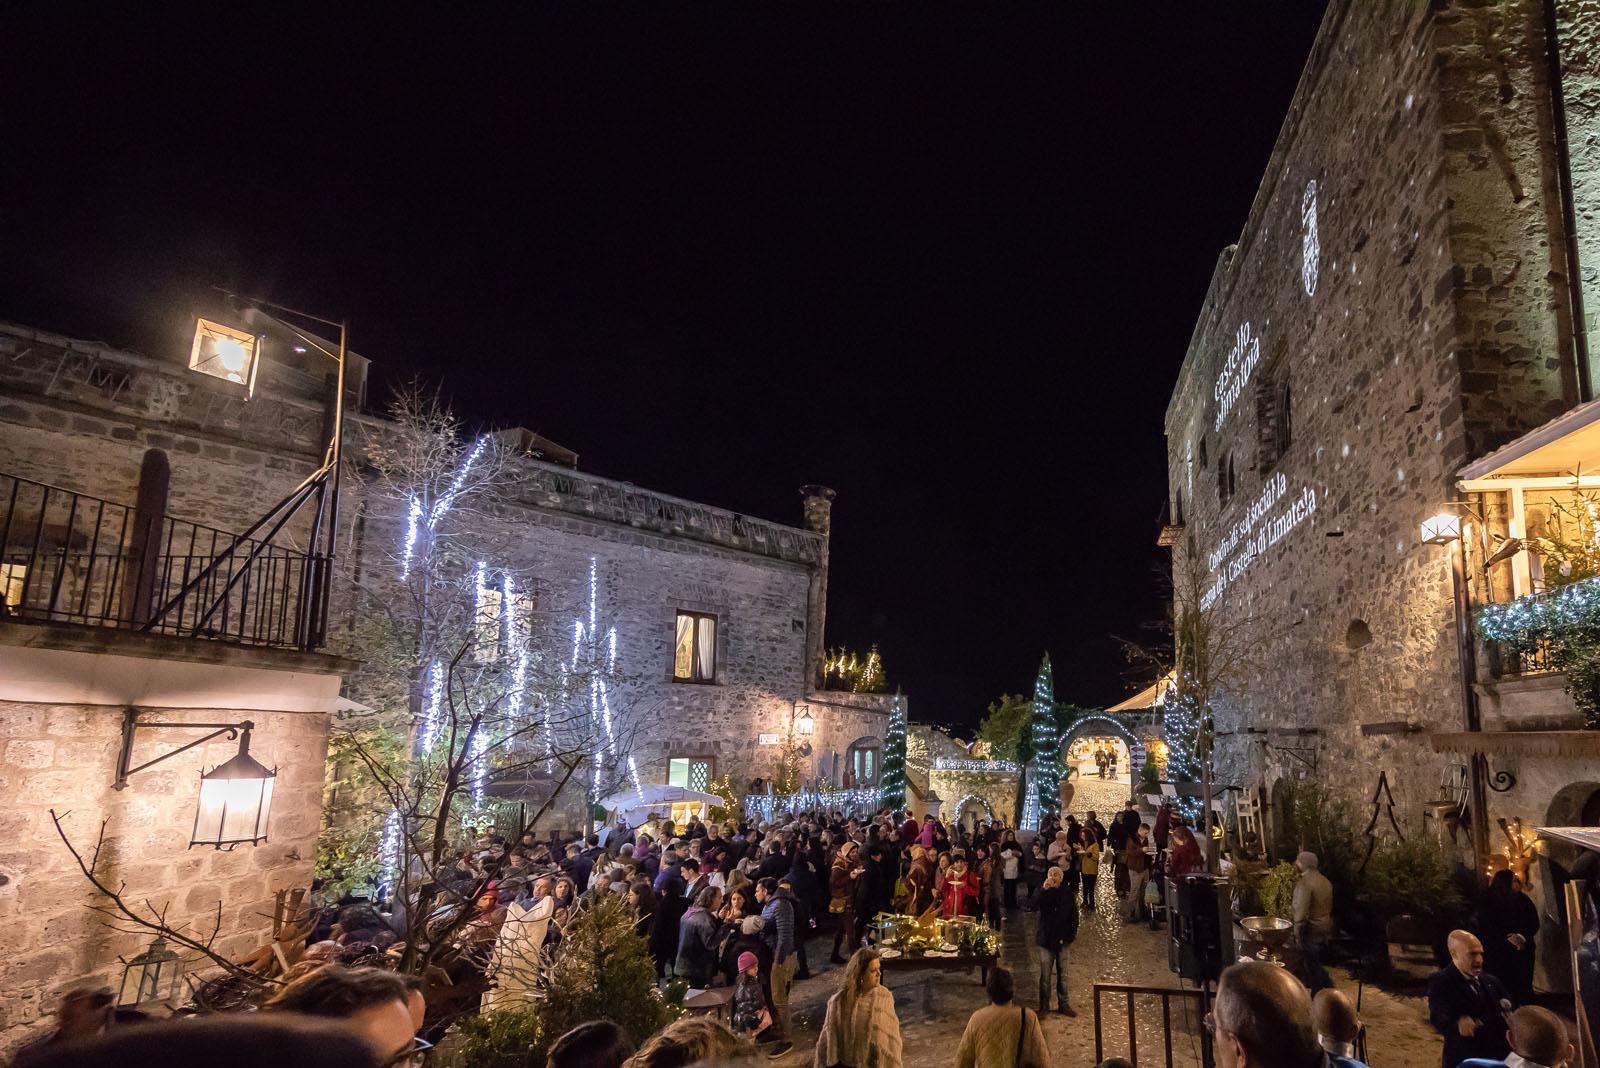 Torna il mercatino di Natale al Castello di Limatola